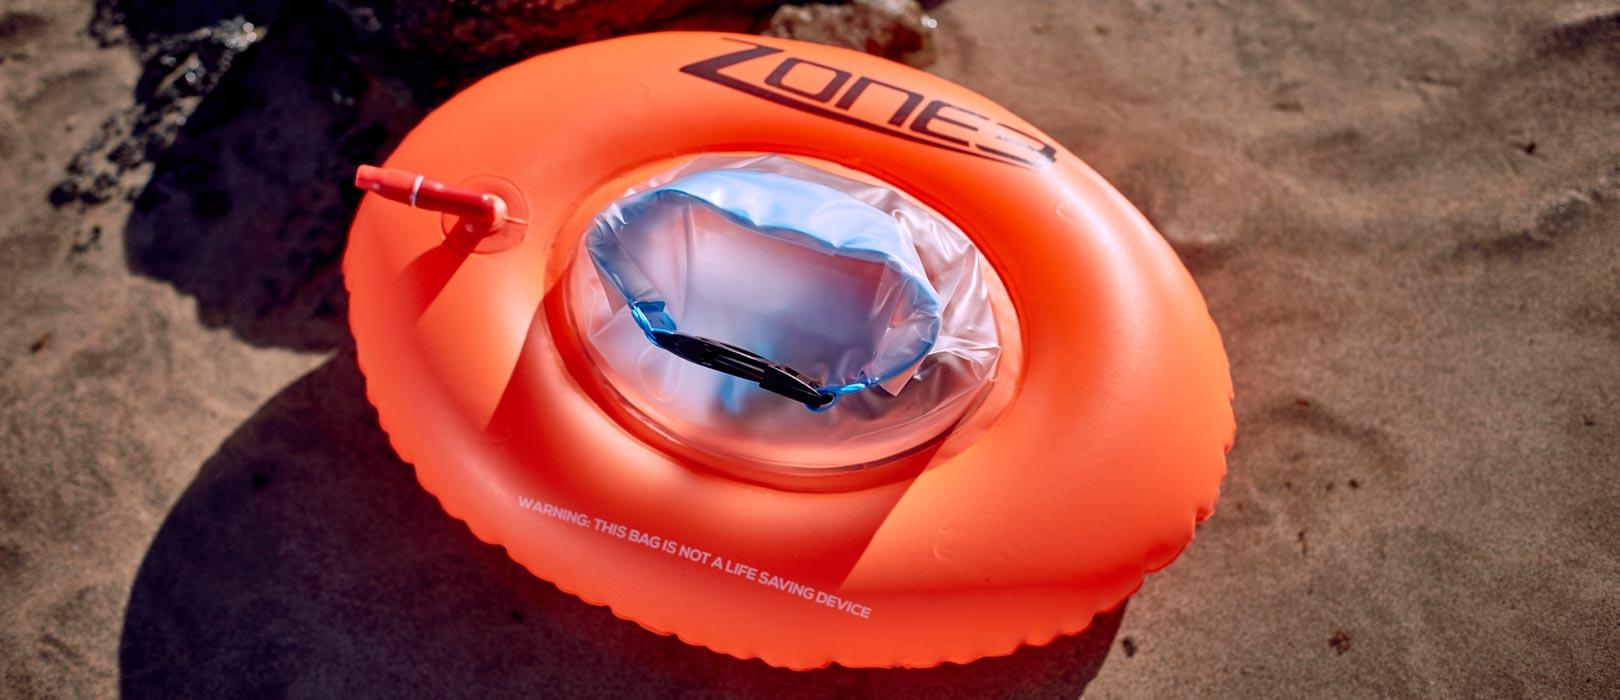 Donut-Buoy-Lifestyle-4-2